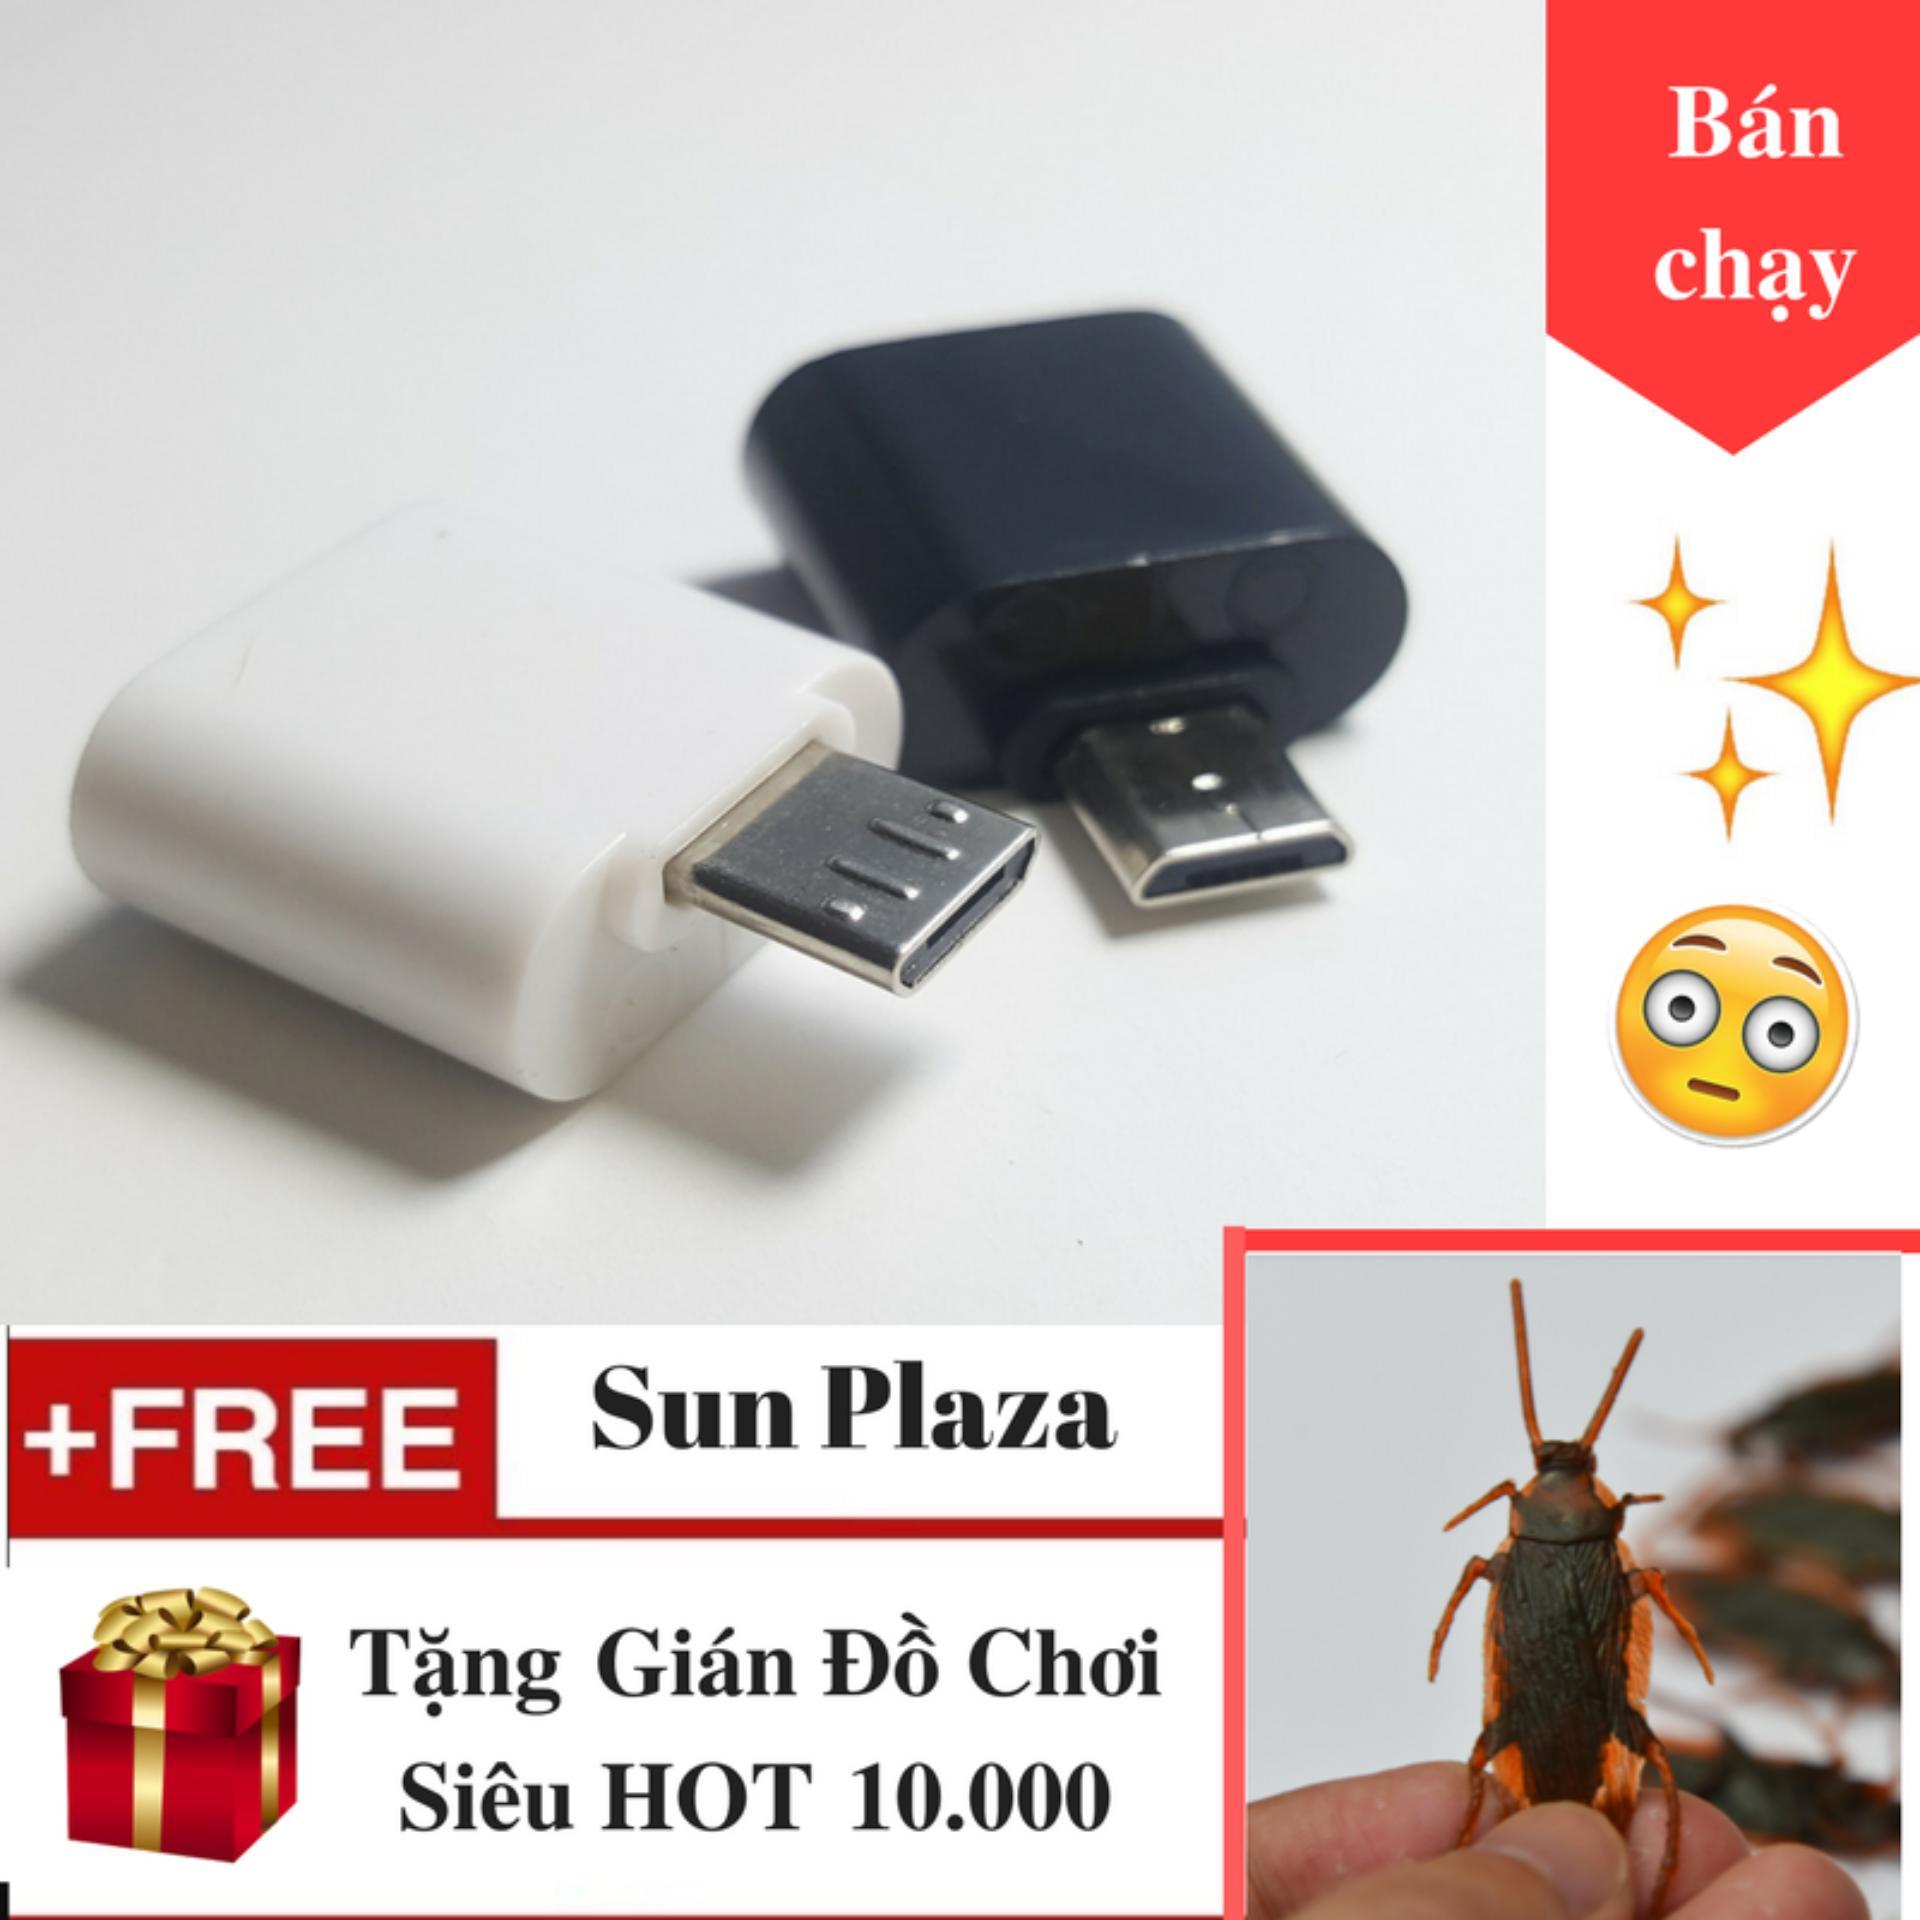 OTG – Đầu chuyển Micro USB (dành cho android) + Tặng Gián Đồ Chơi